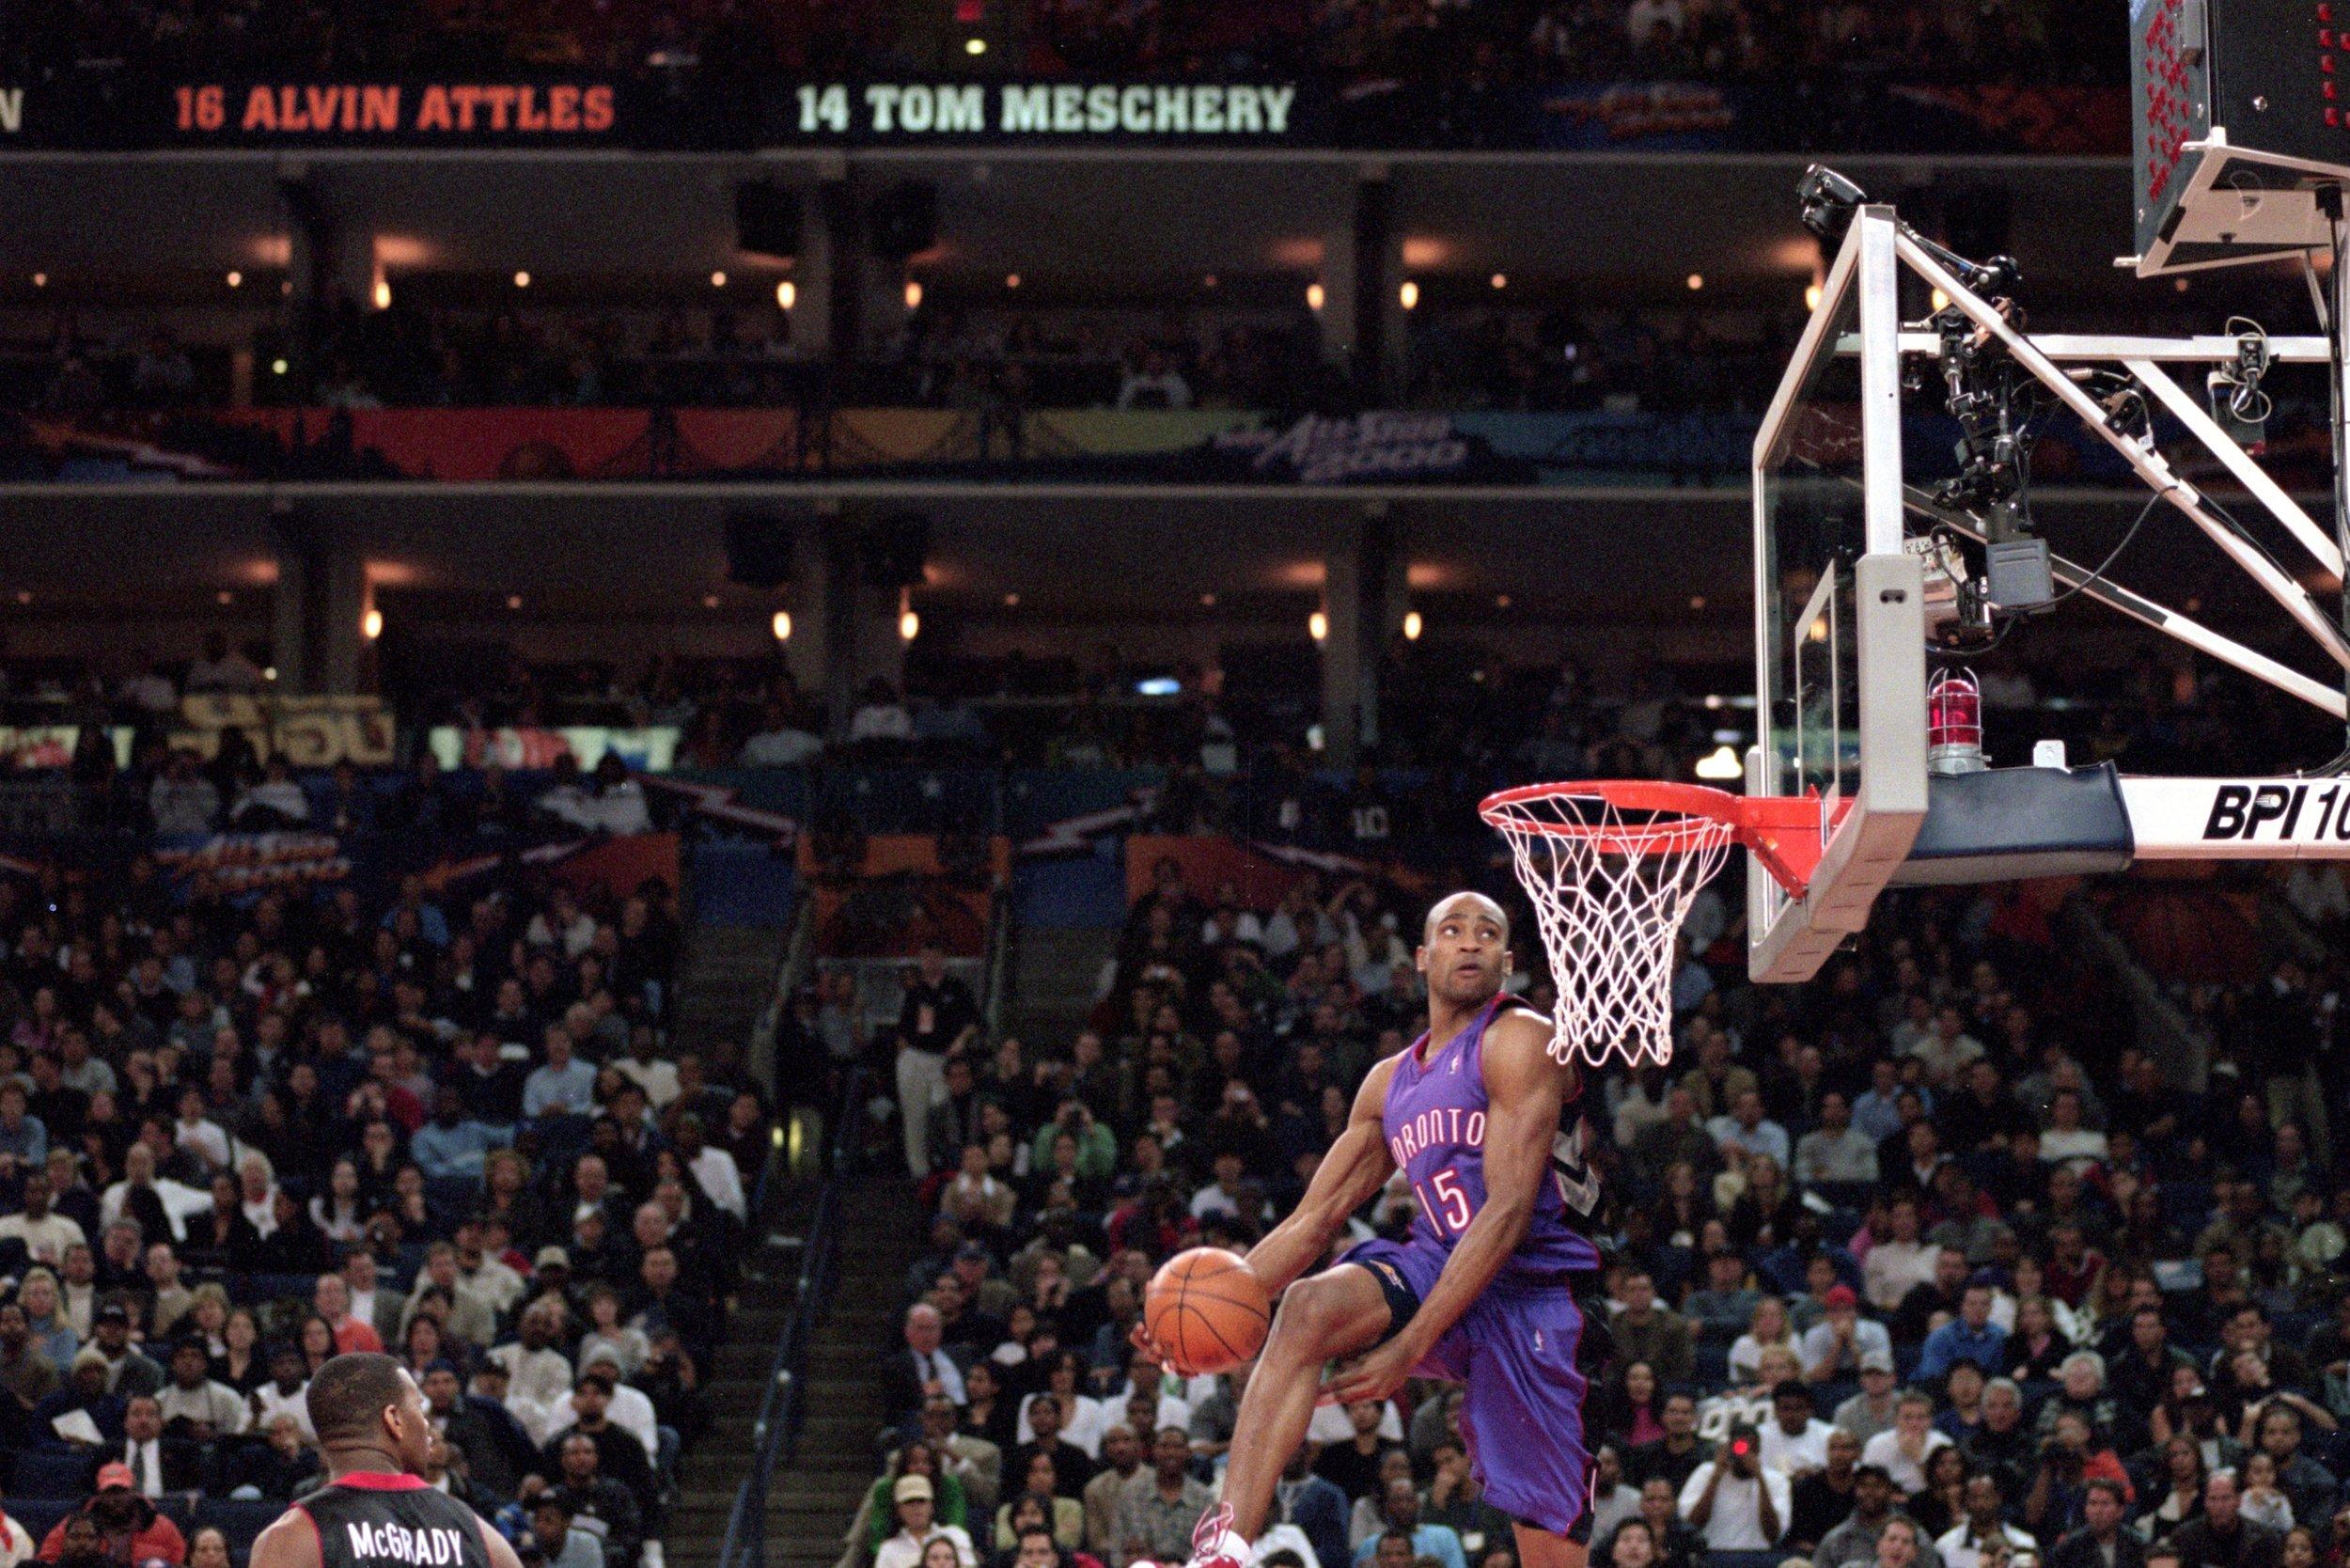 NBA Fans Never Saw Vince Carter's Best Slam Dunk